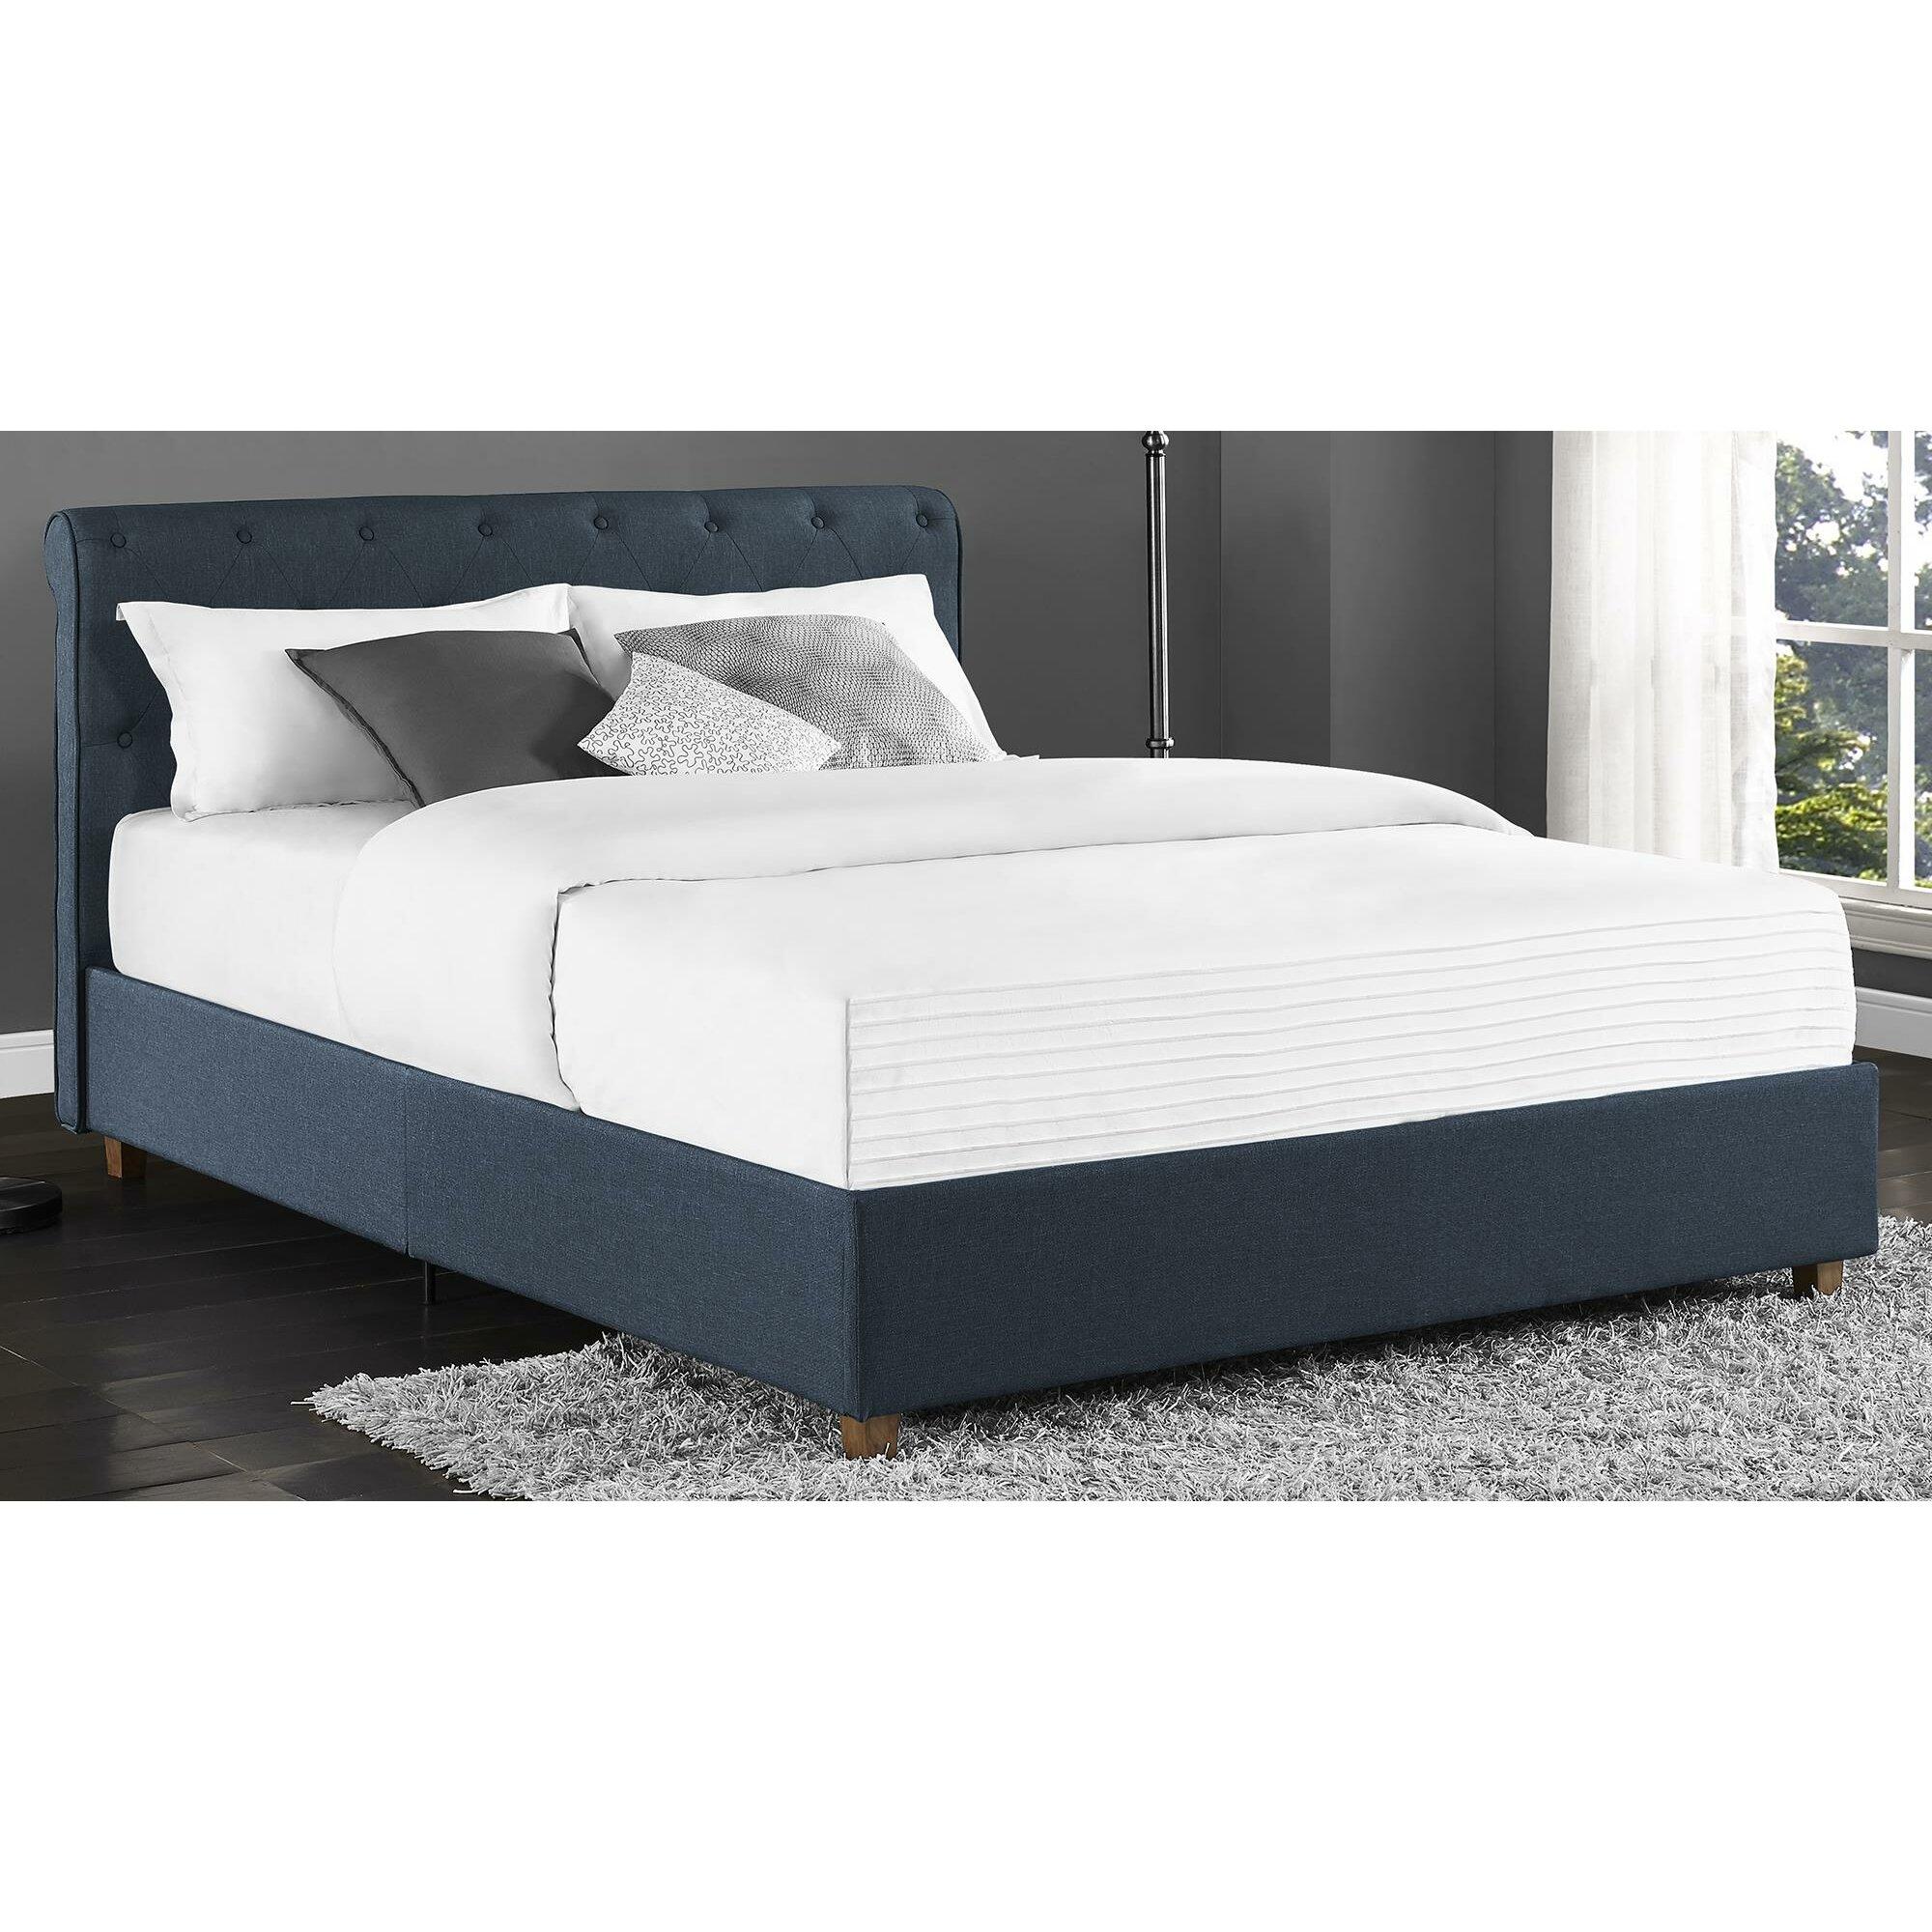 Dhp carmela upholstered platform bed reviews wayfair for Upholstered dog bed